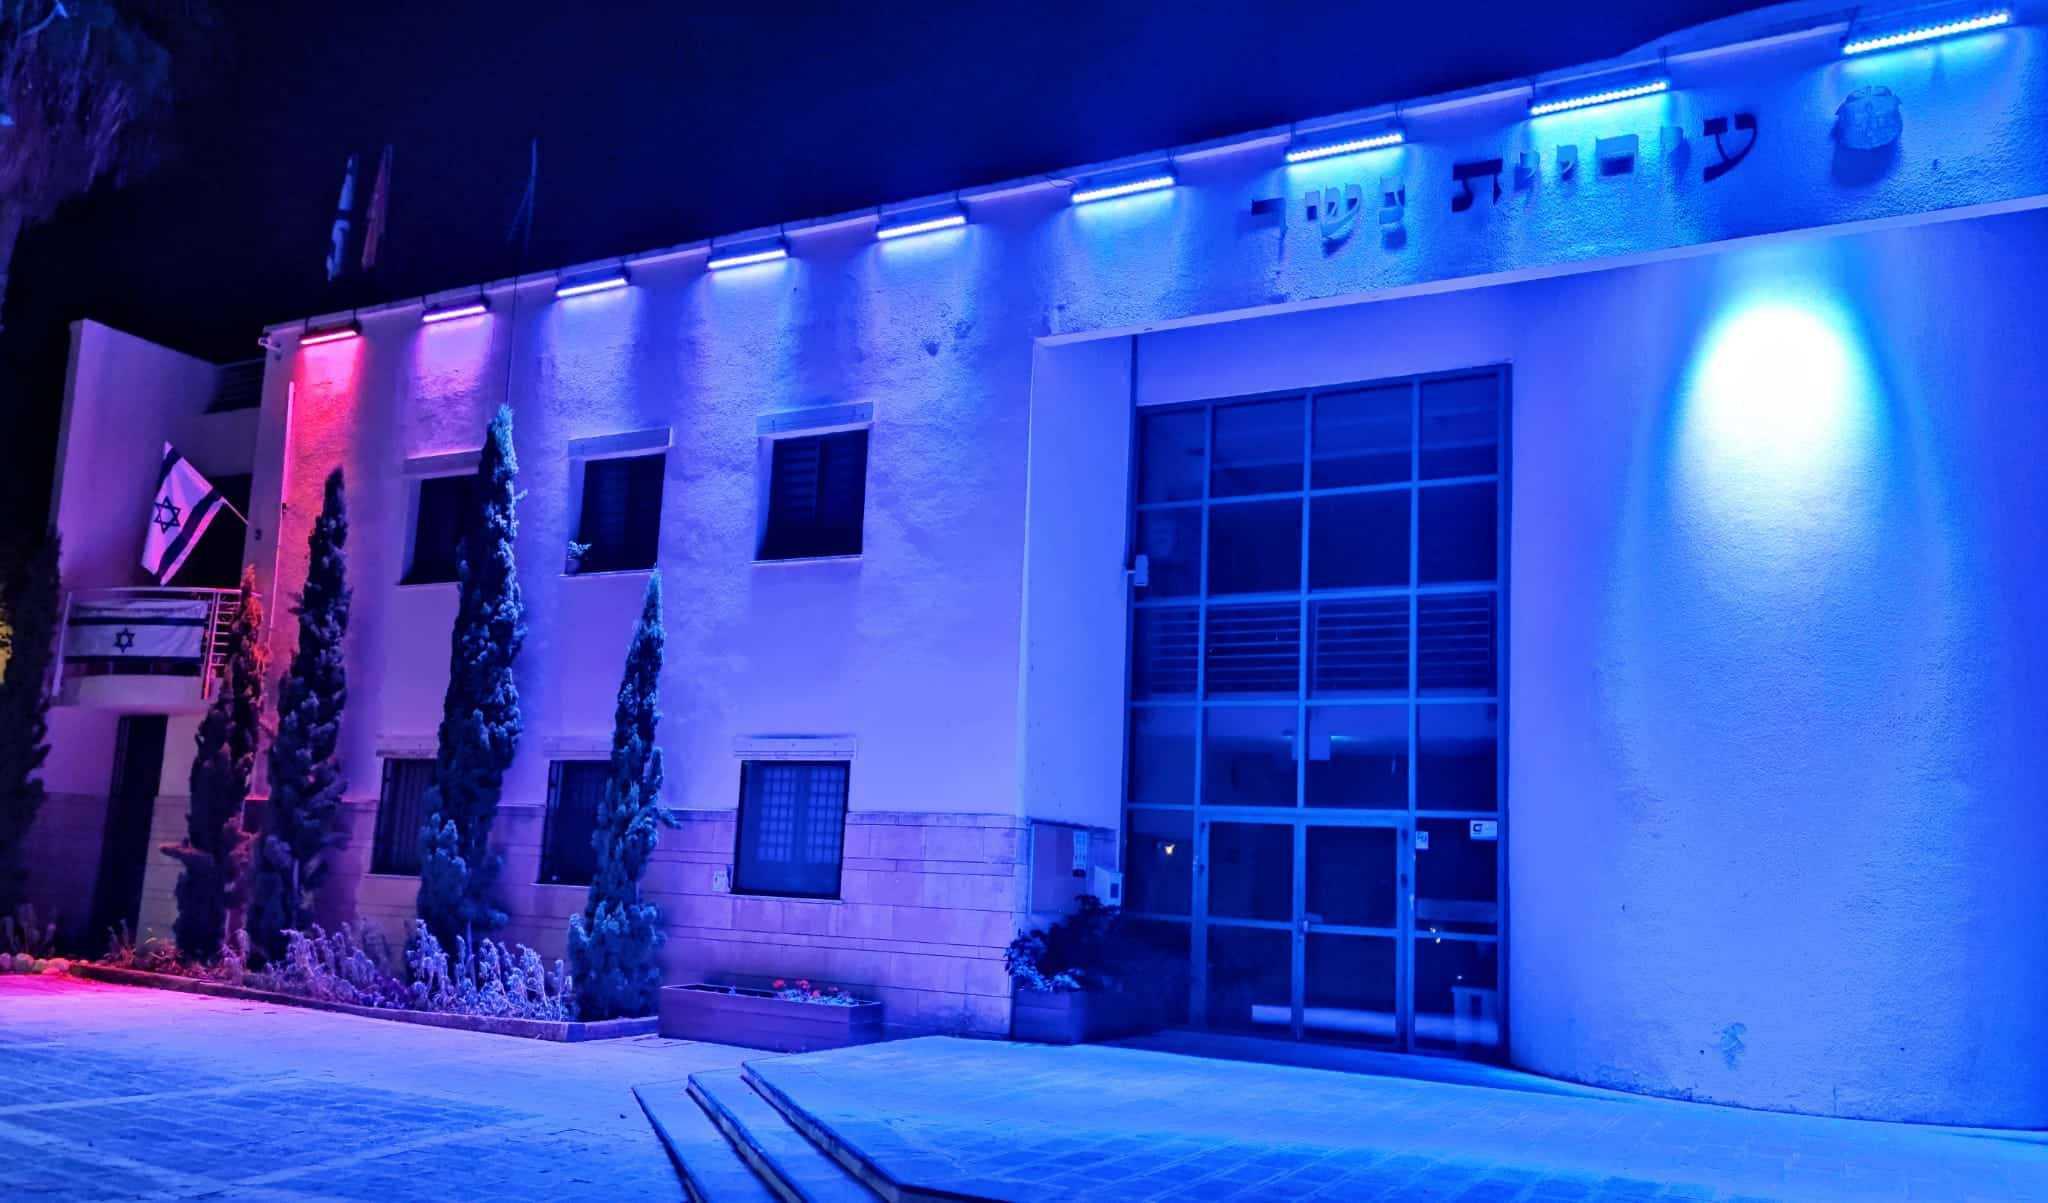 עיריית נשר, צילום: חדשות NWS